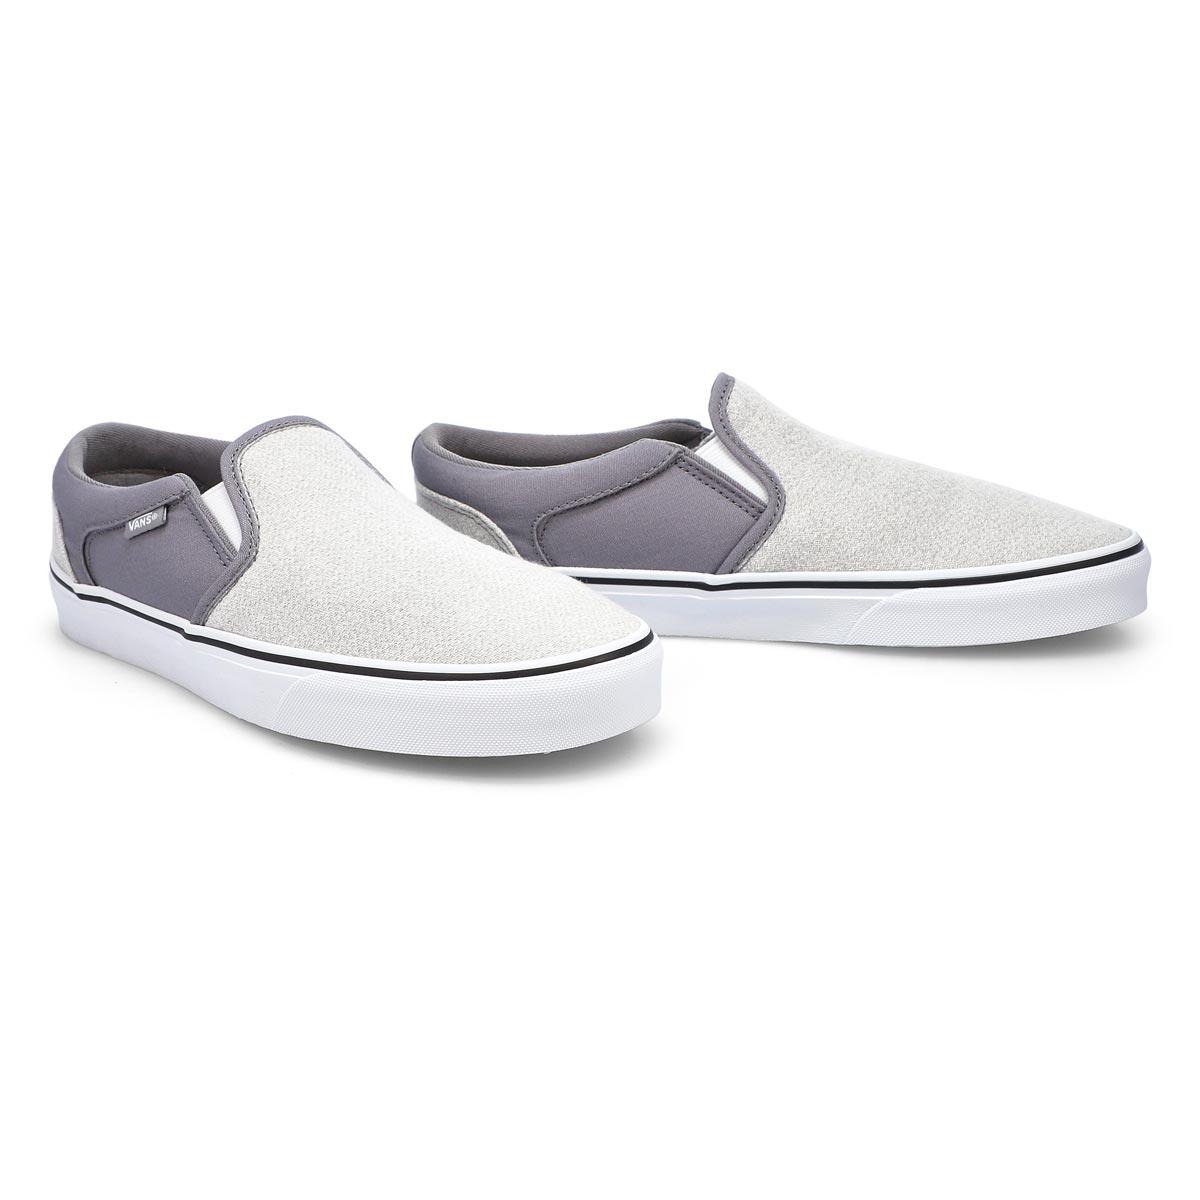 Men's Asher slip on sneaker -  Frost Gray/ White